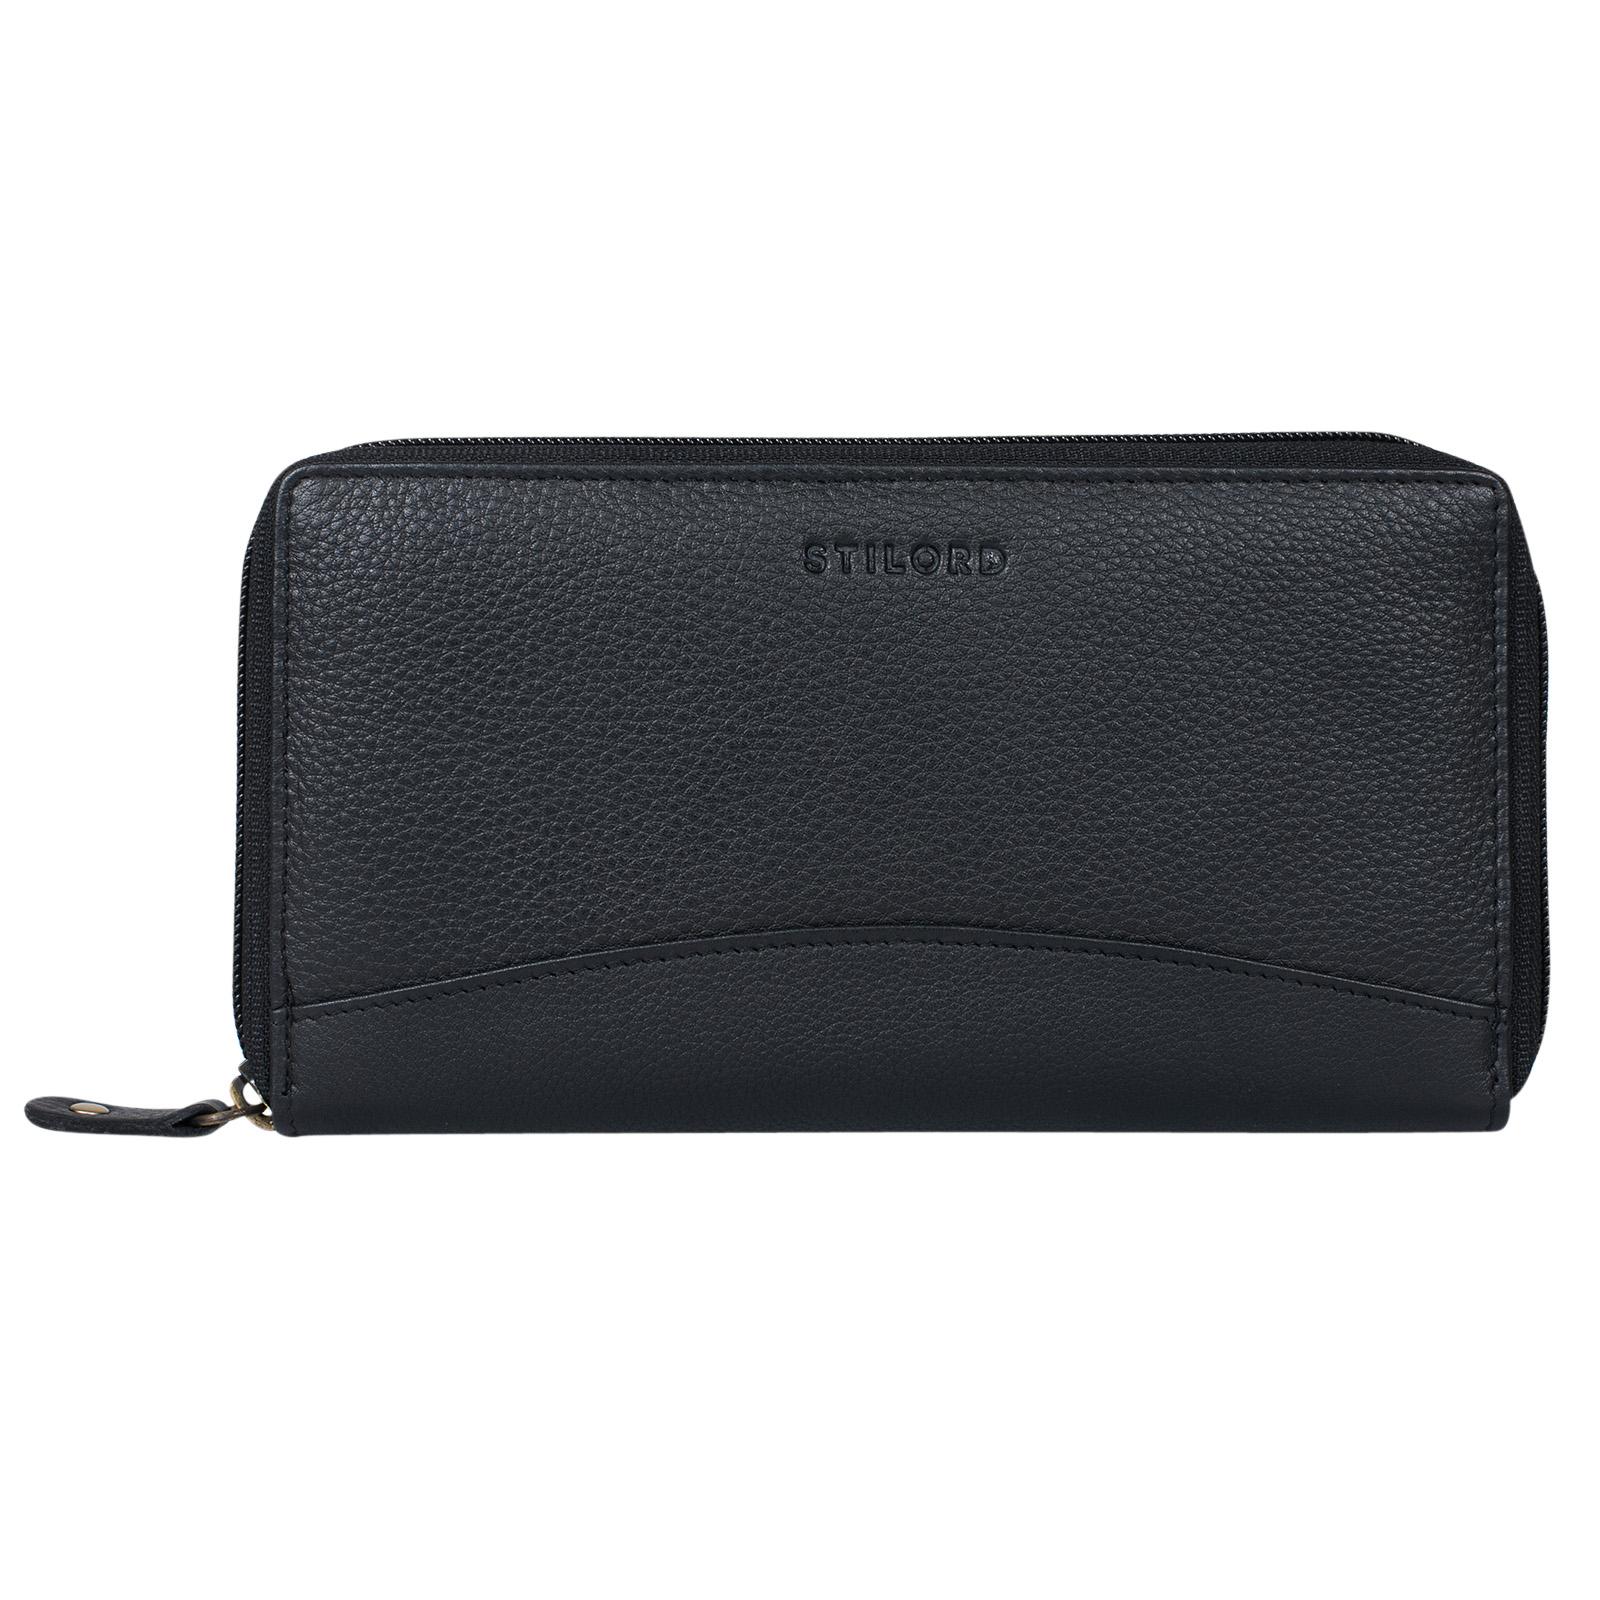 """STILORD """"Saskia"""" Portemonnaie Damen Leder groß viele Fächer Vintage Brieftasche im Querformat Geldbörse mit Reißverschluss für EC-Karten Kleingeld Ausweis - Bild 7"""